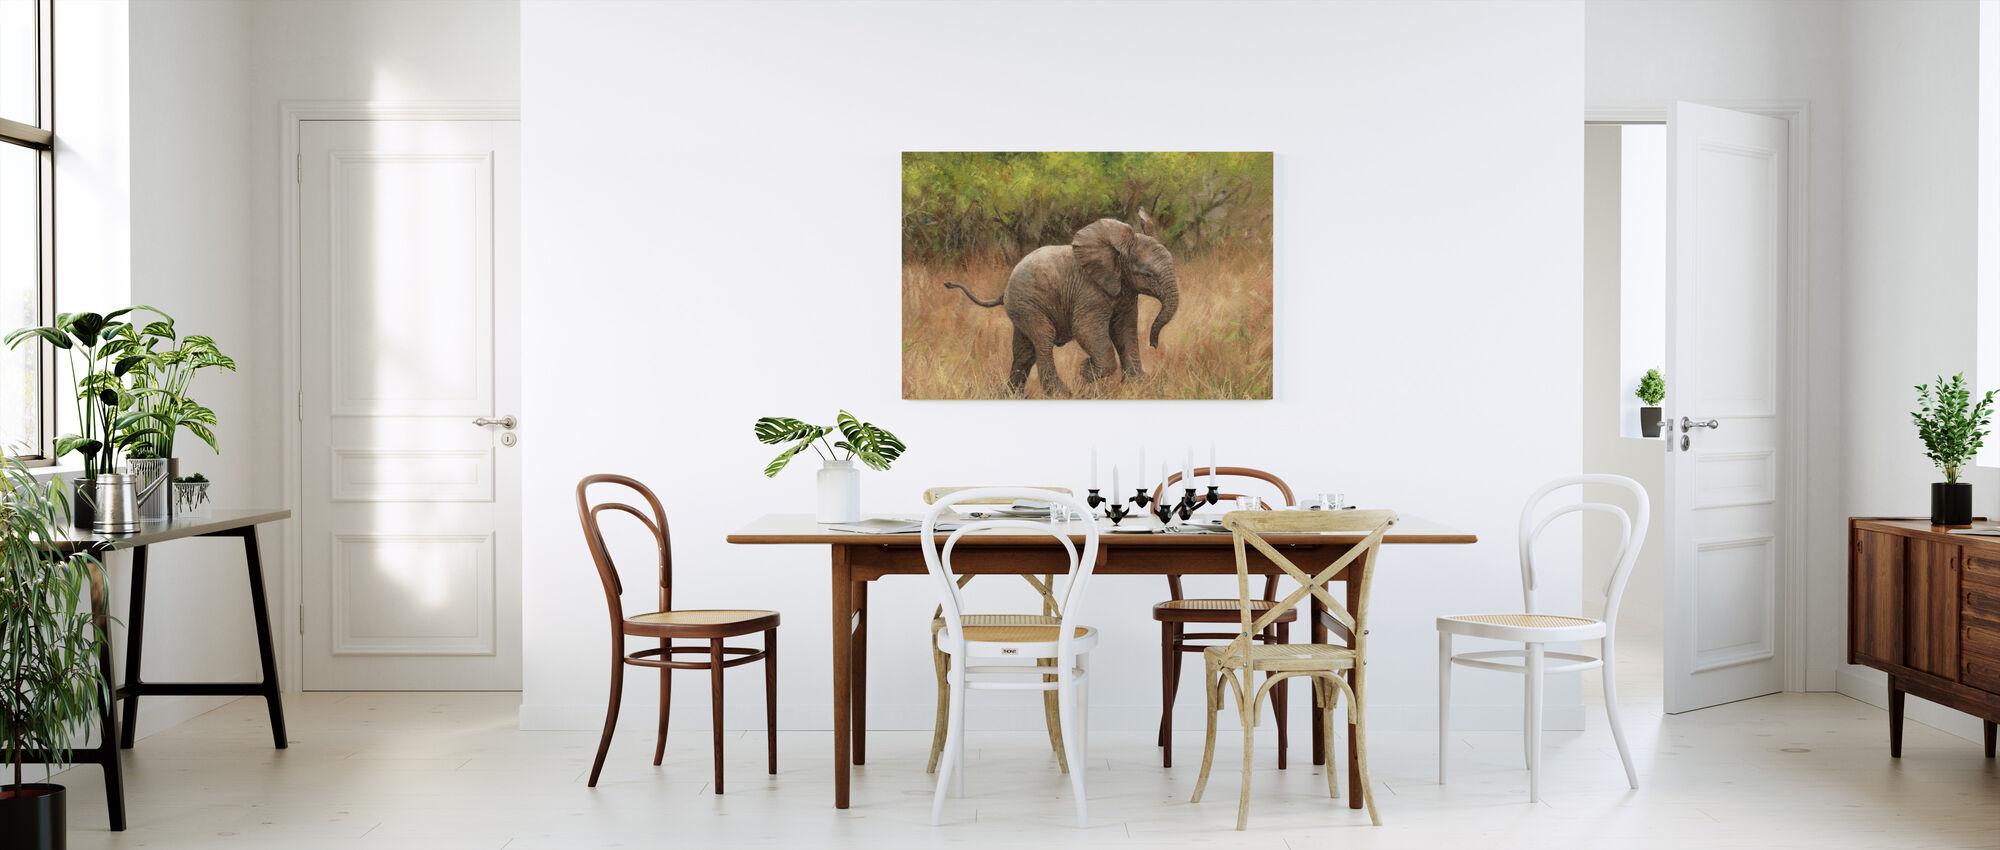 Baby afrikanske elefant - Lerretsbilde - Kjøkken